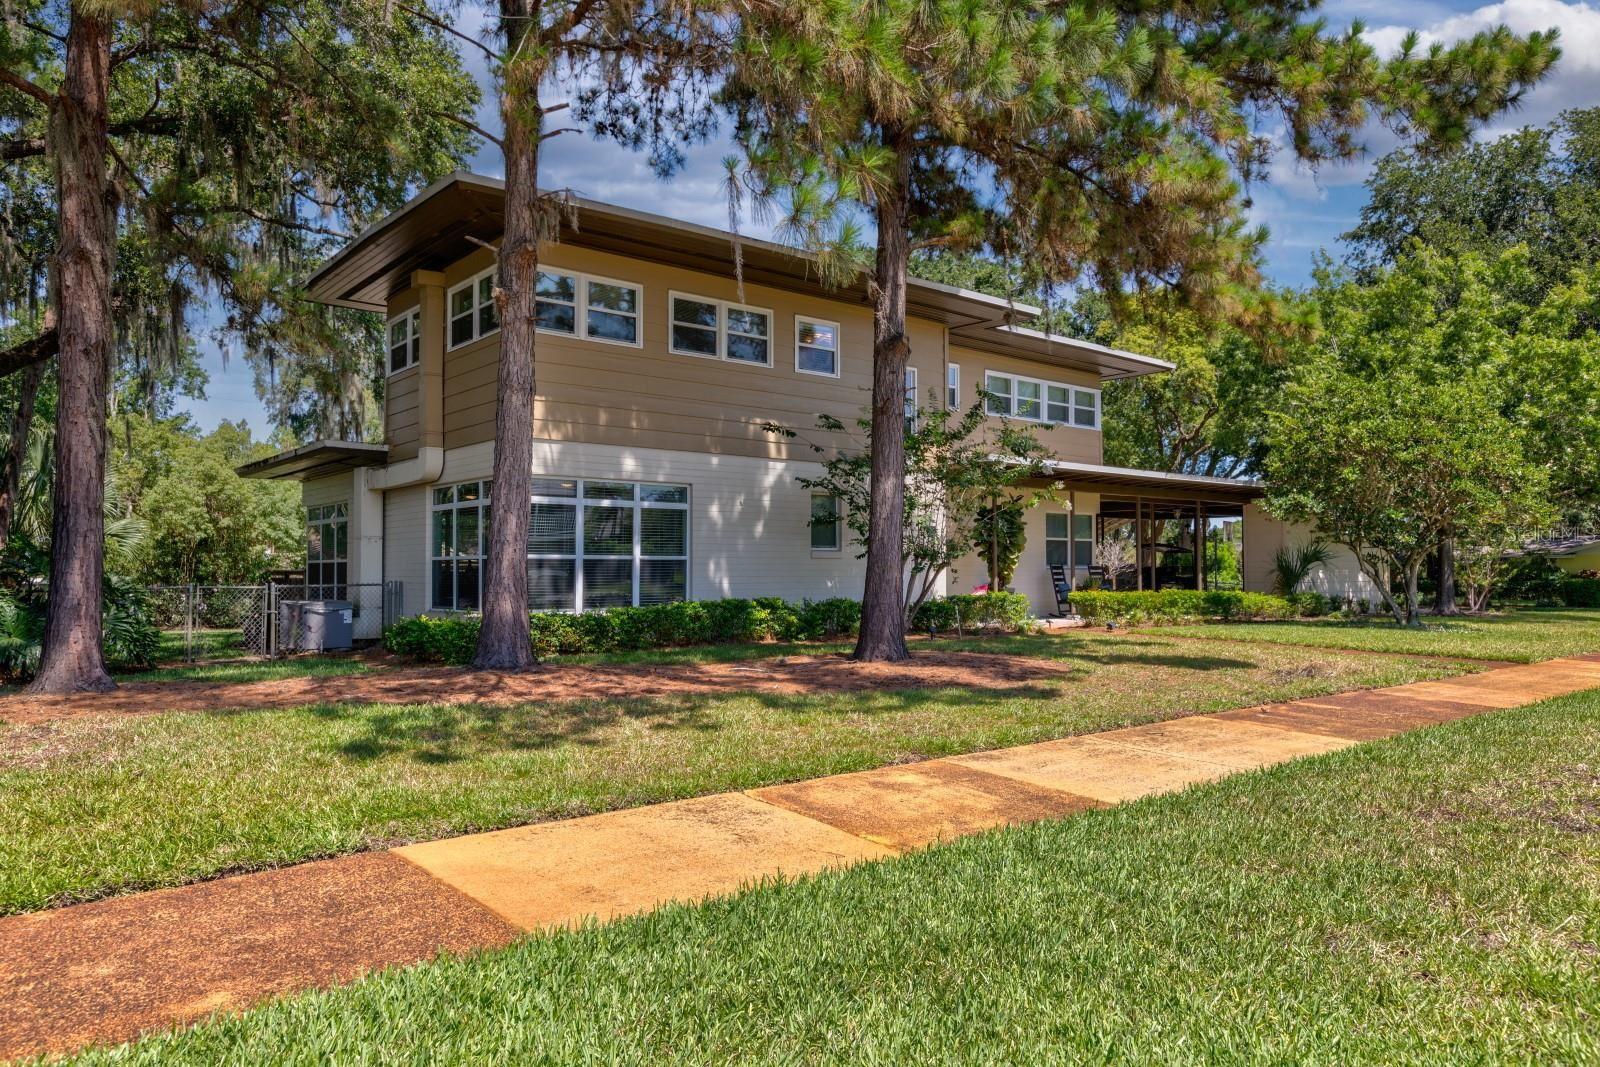 514 N BOYD STREET, Winter Garden, FL 34787 - #: O5951449